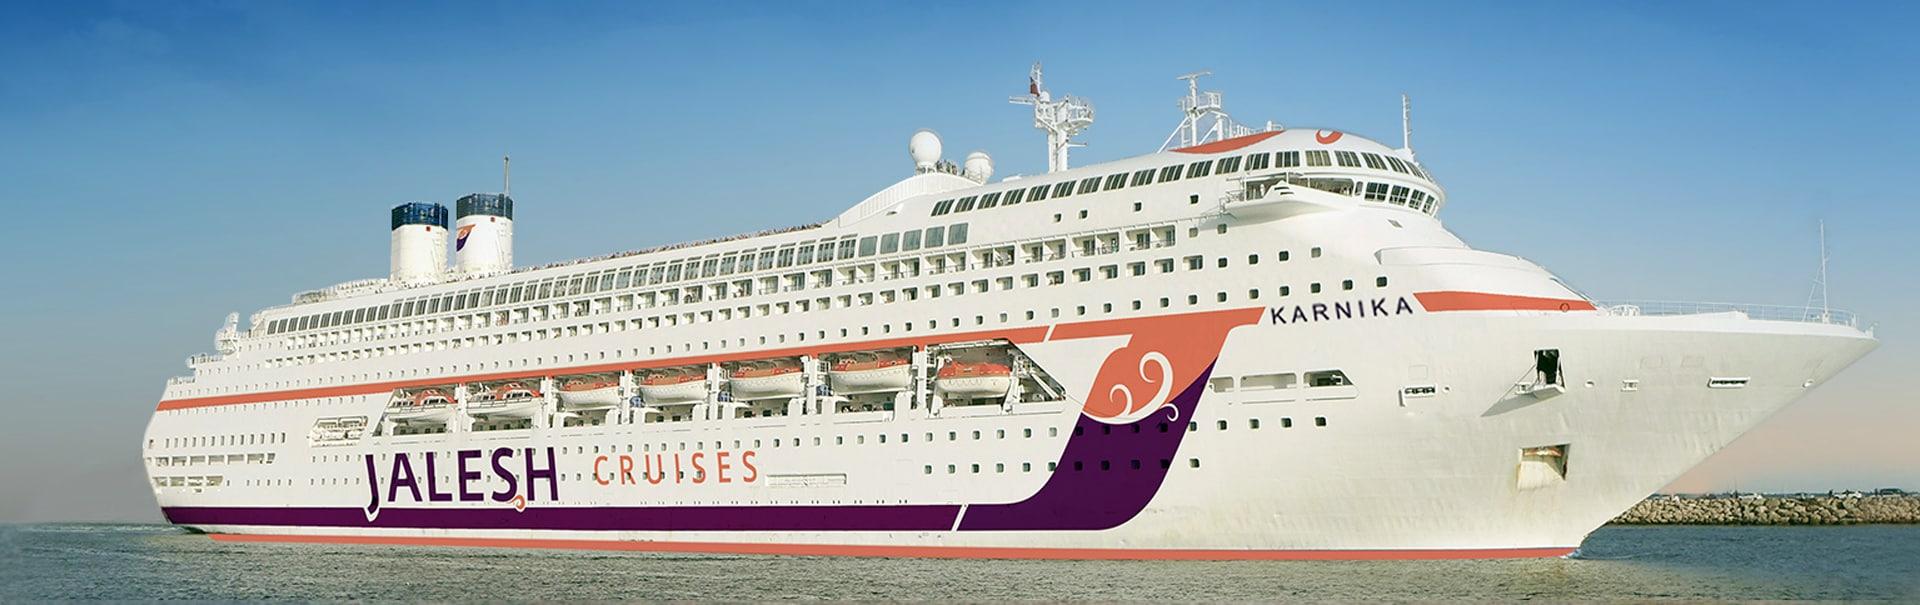 Jalesh Cruises (Karnika) (MHFJ) Banner